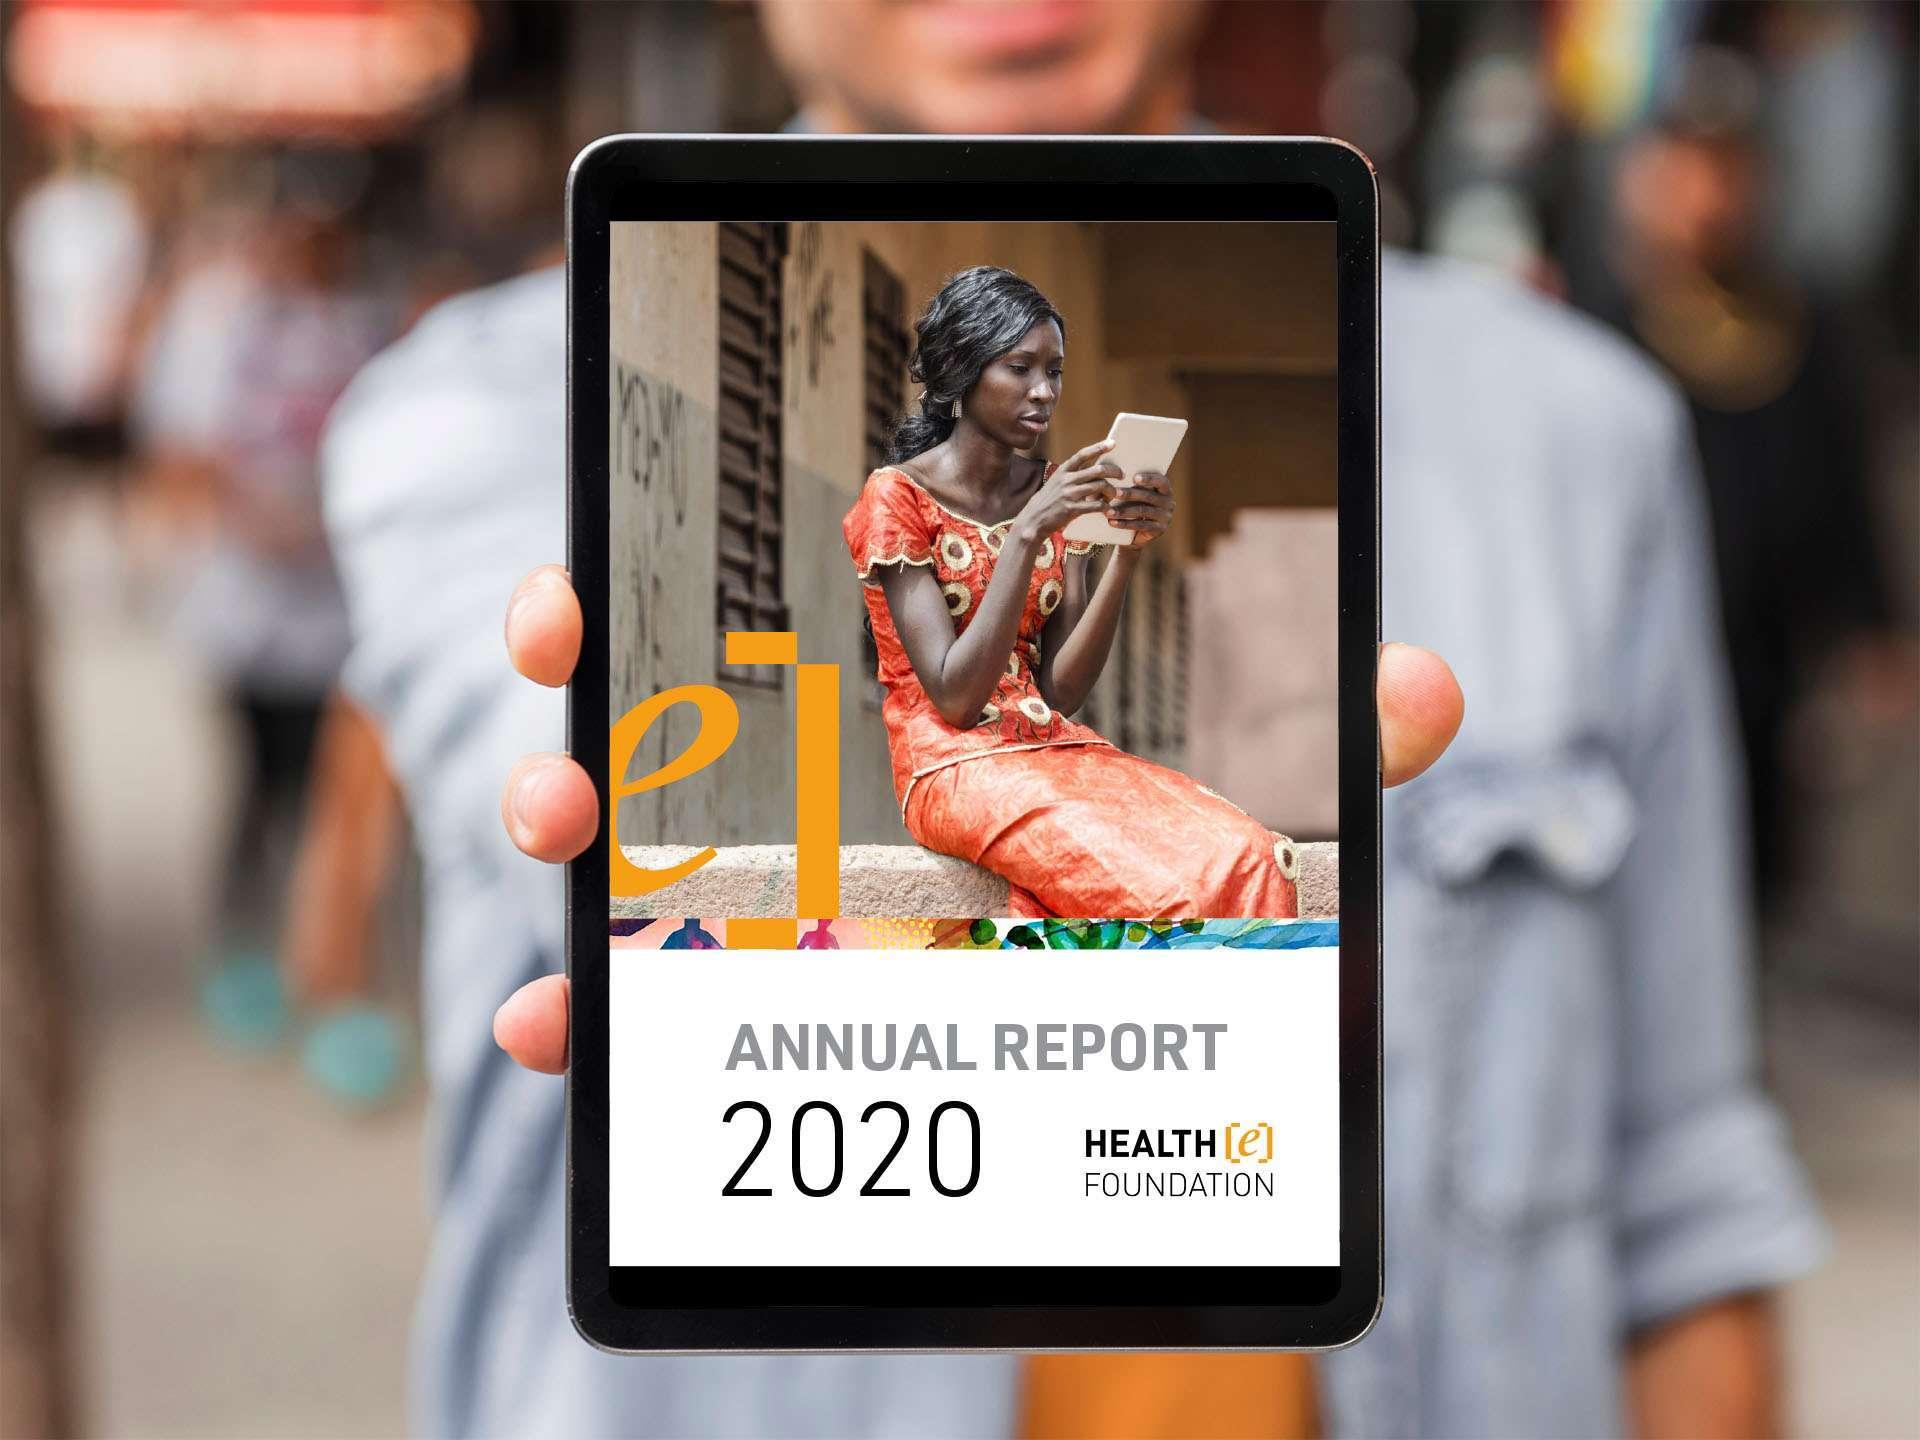 Jaarverslag laten maken zoals deze van HealtheFoundation door Aadwork uit BINK36 Den Haag